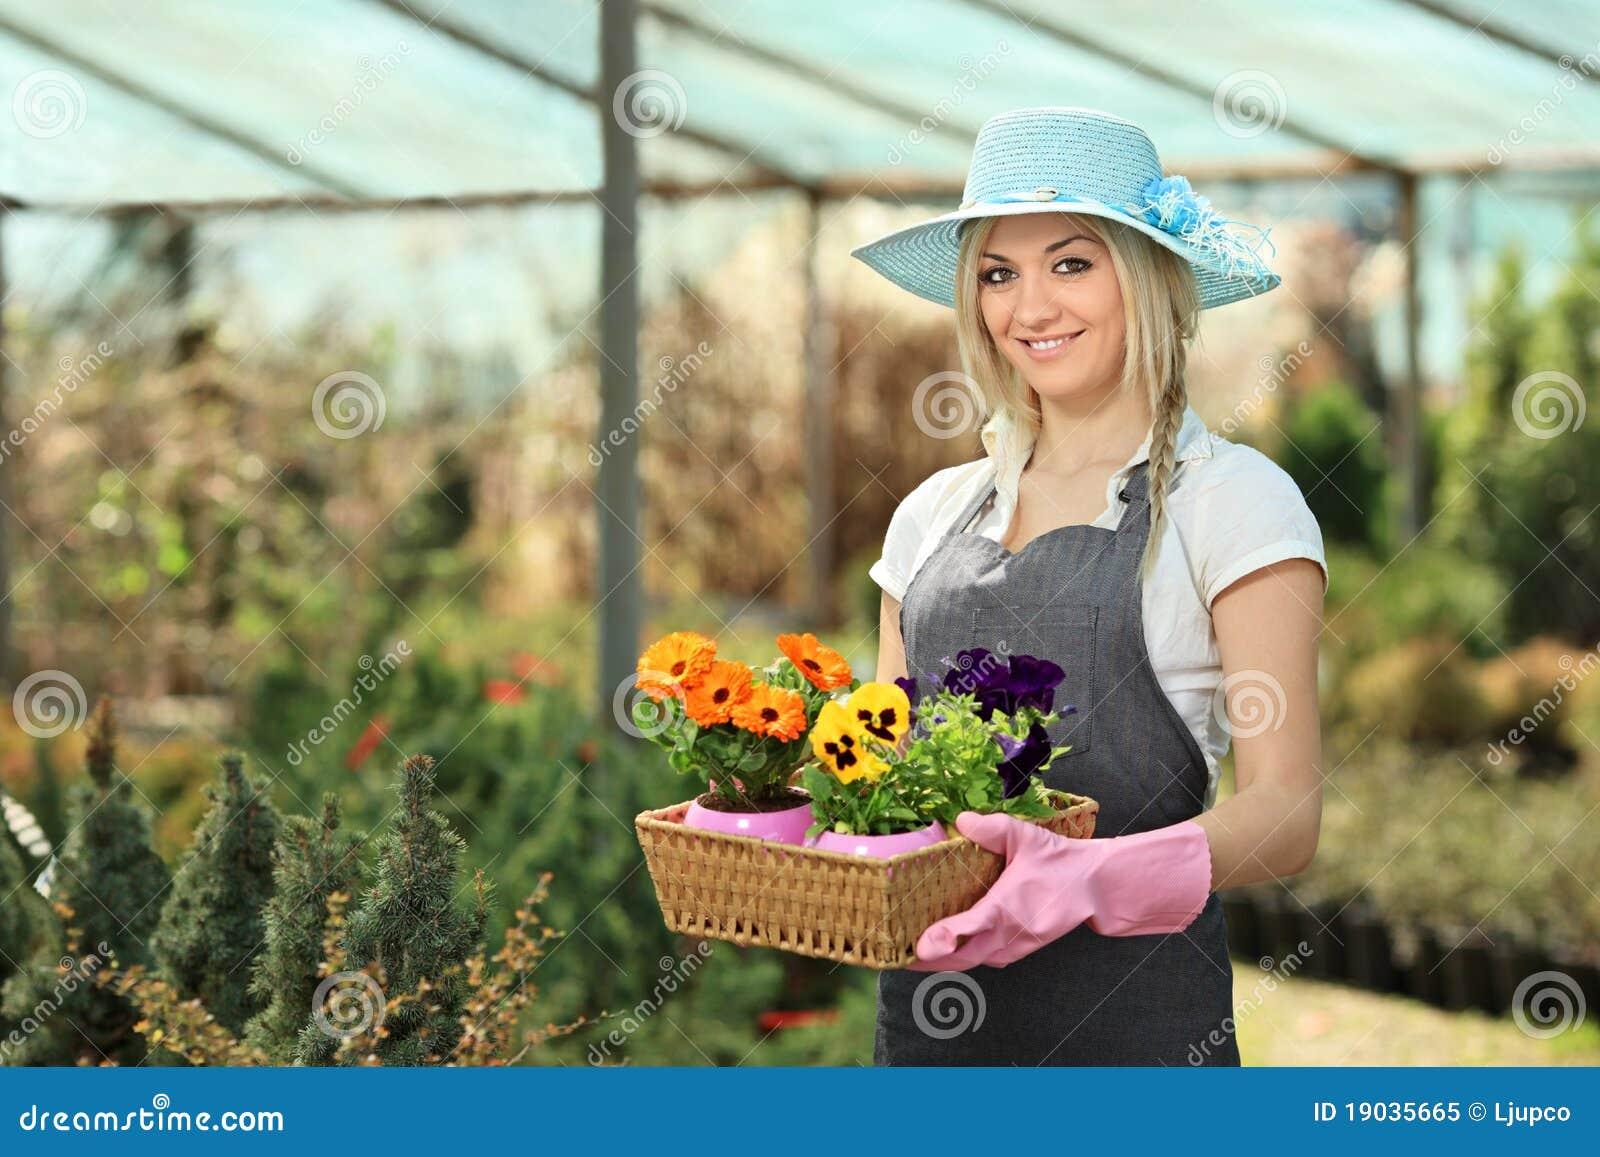 Садовник и блондинка 13 фотография